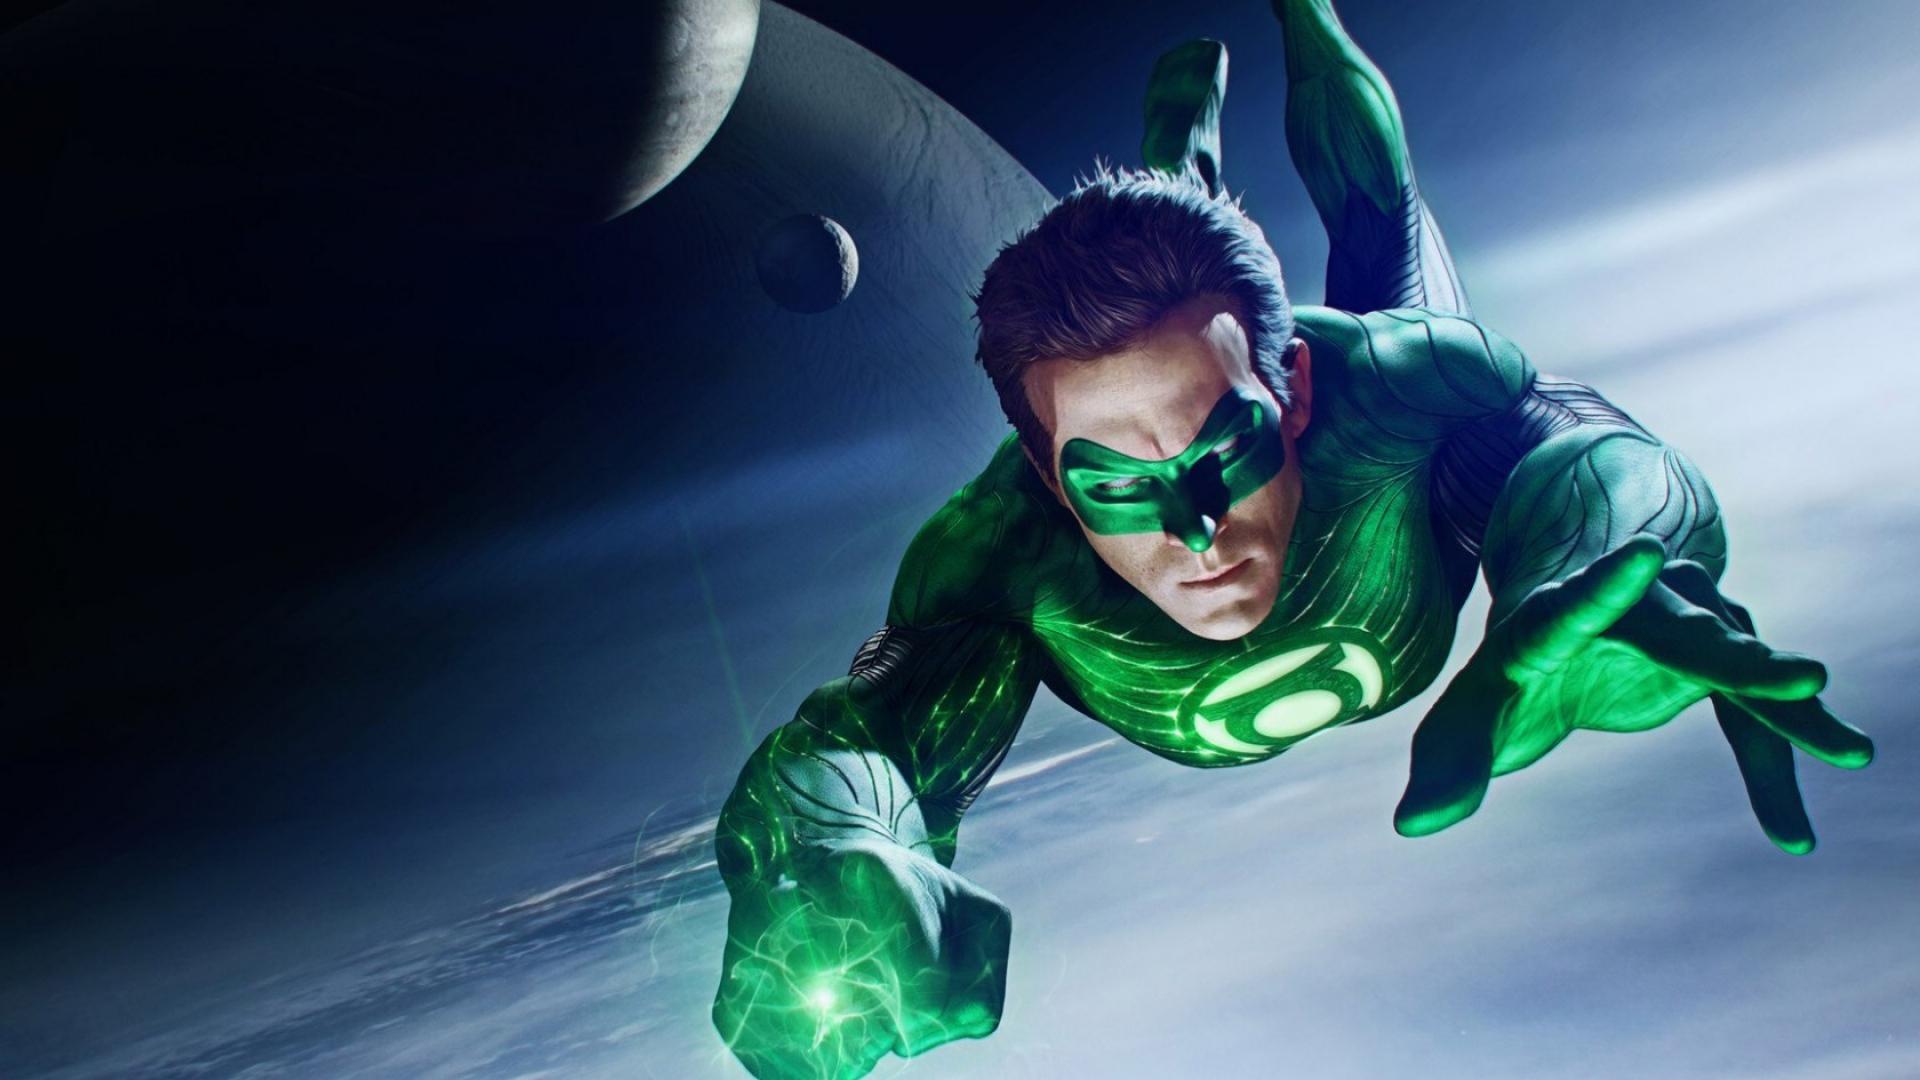 Green Lantern Hd Wallpaper